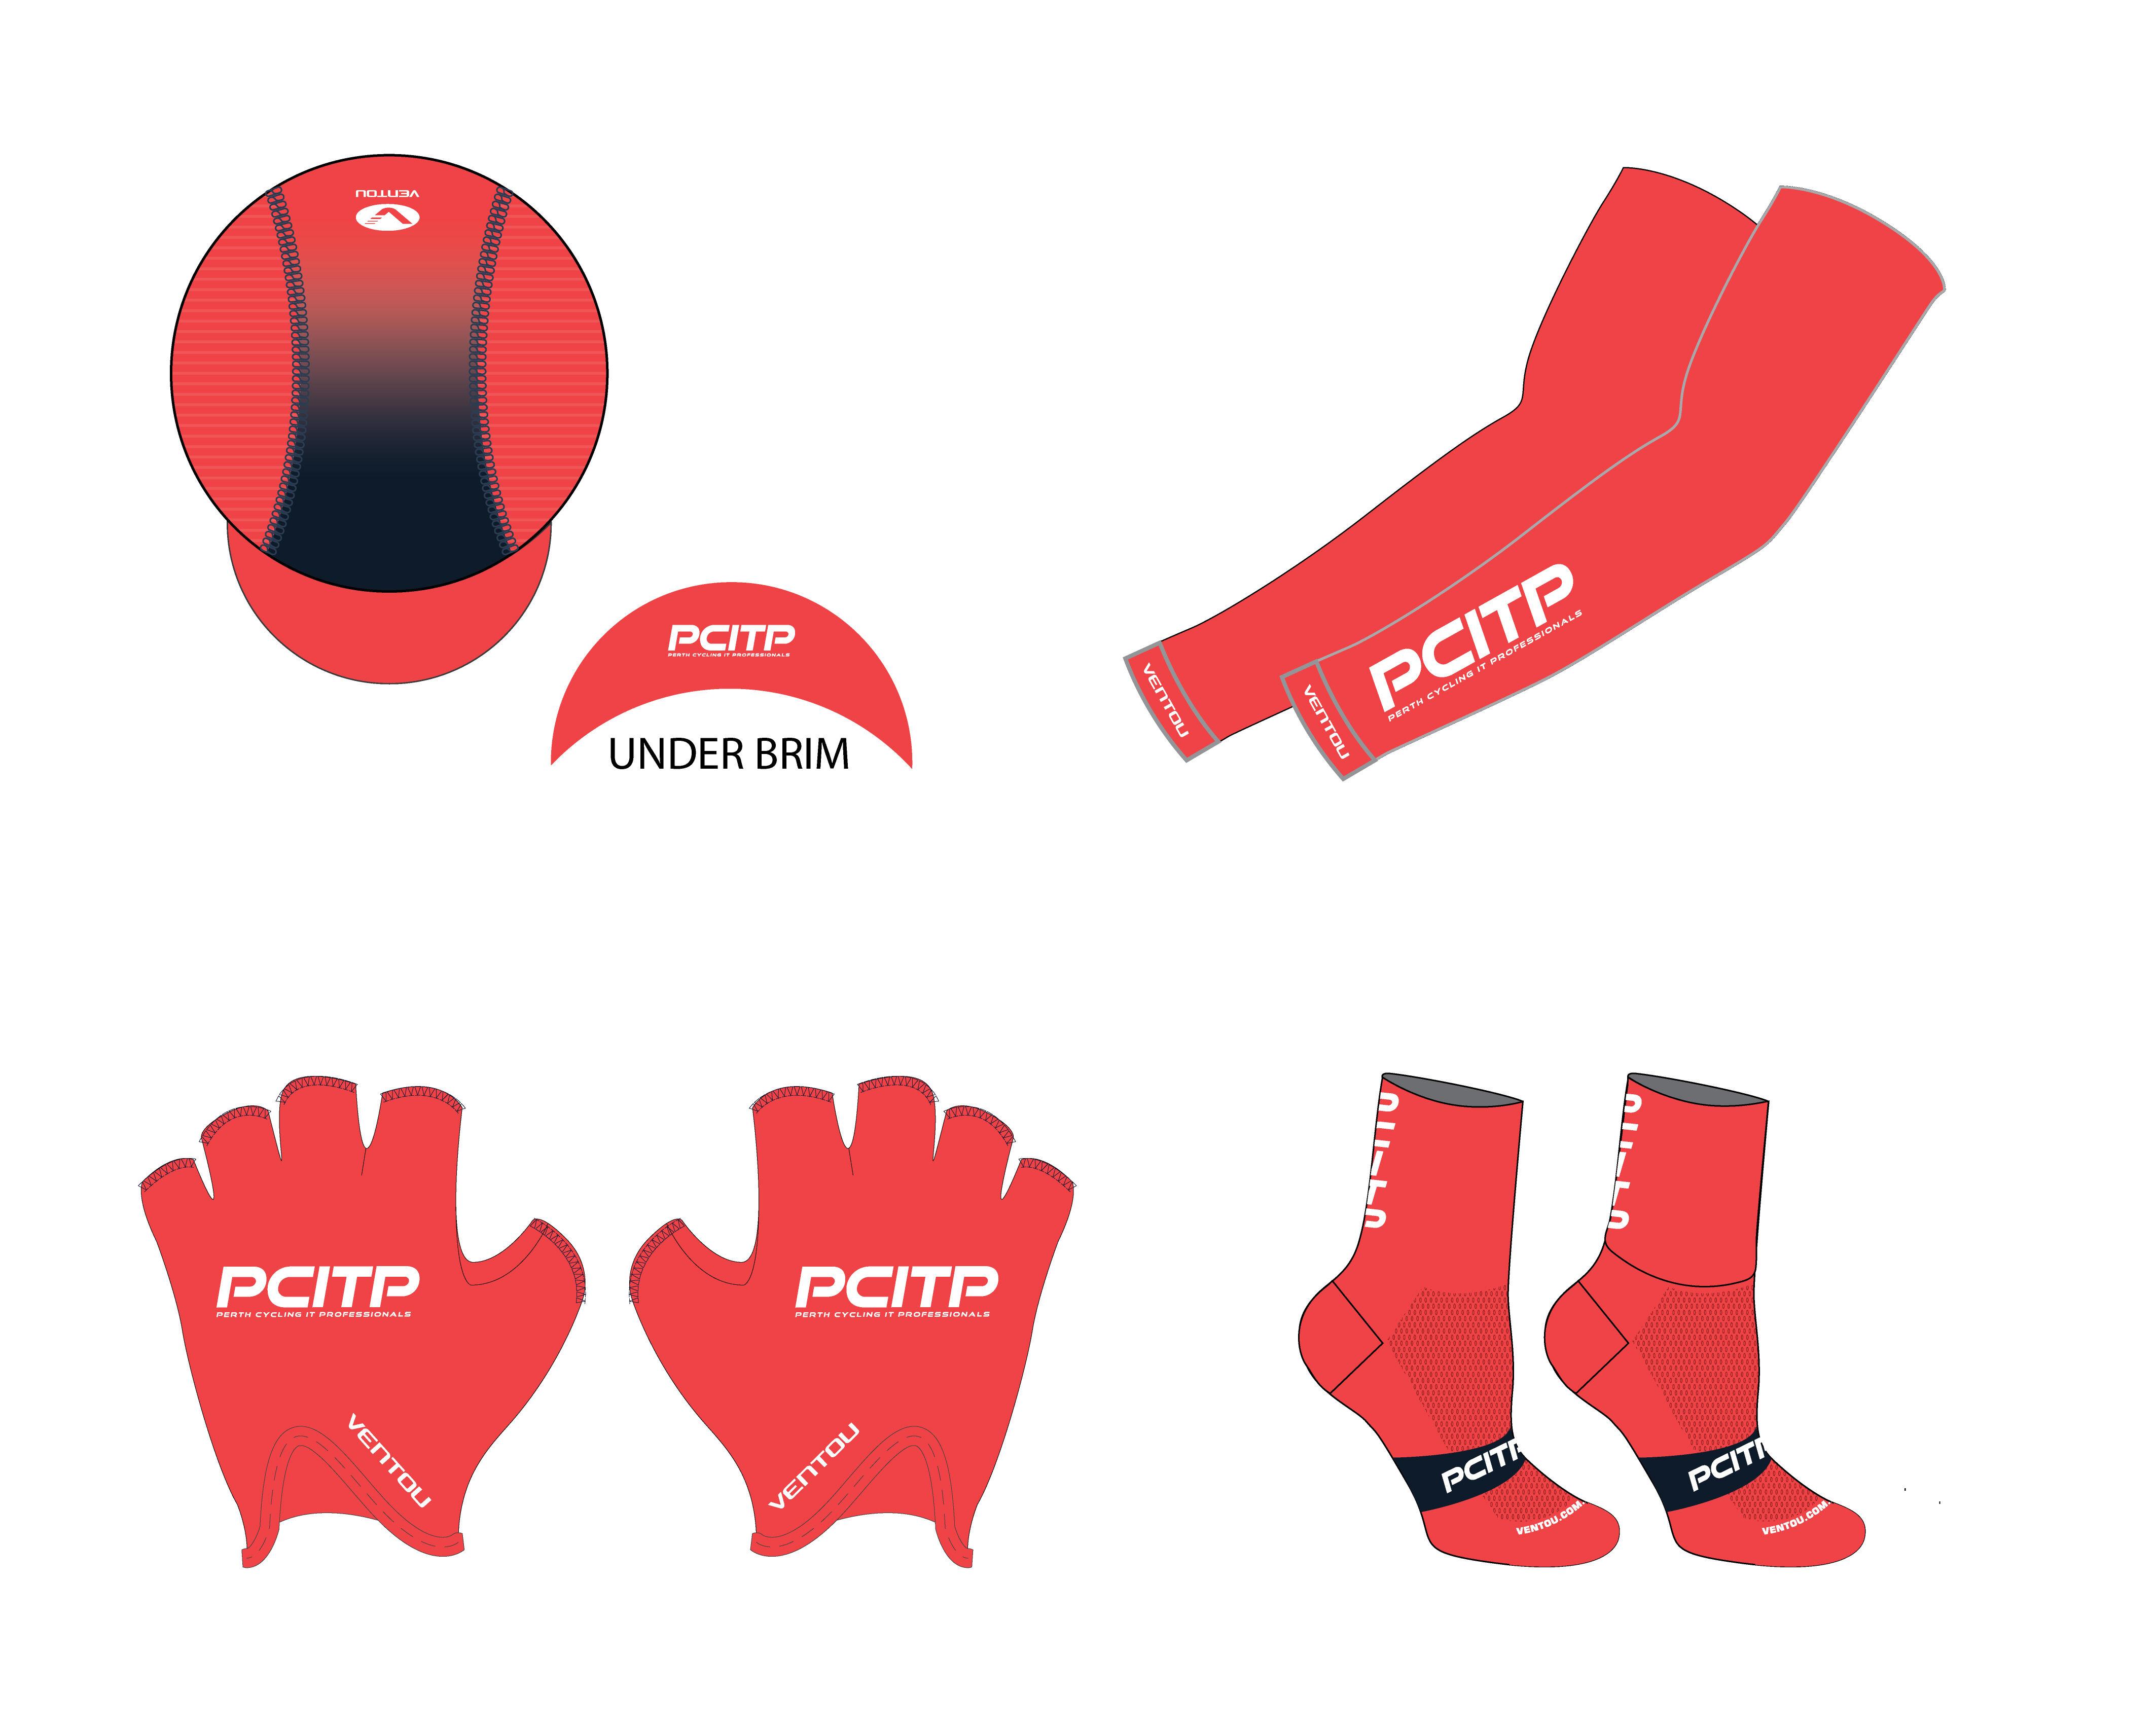 Accessories-PCITP